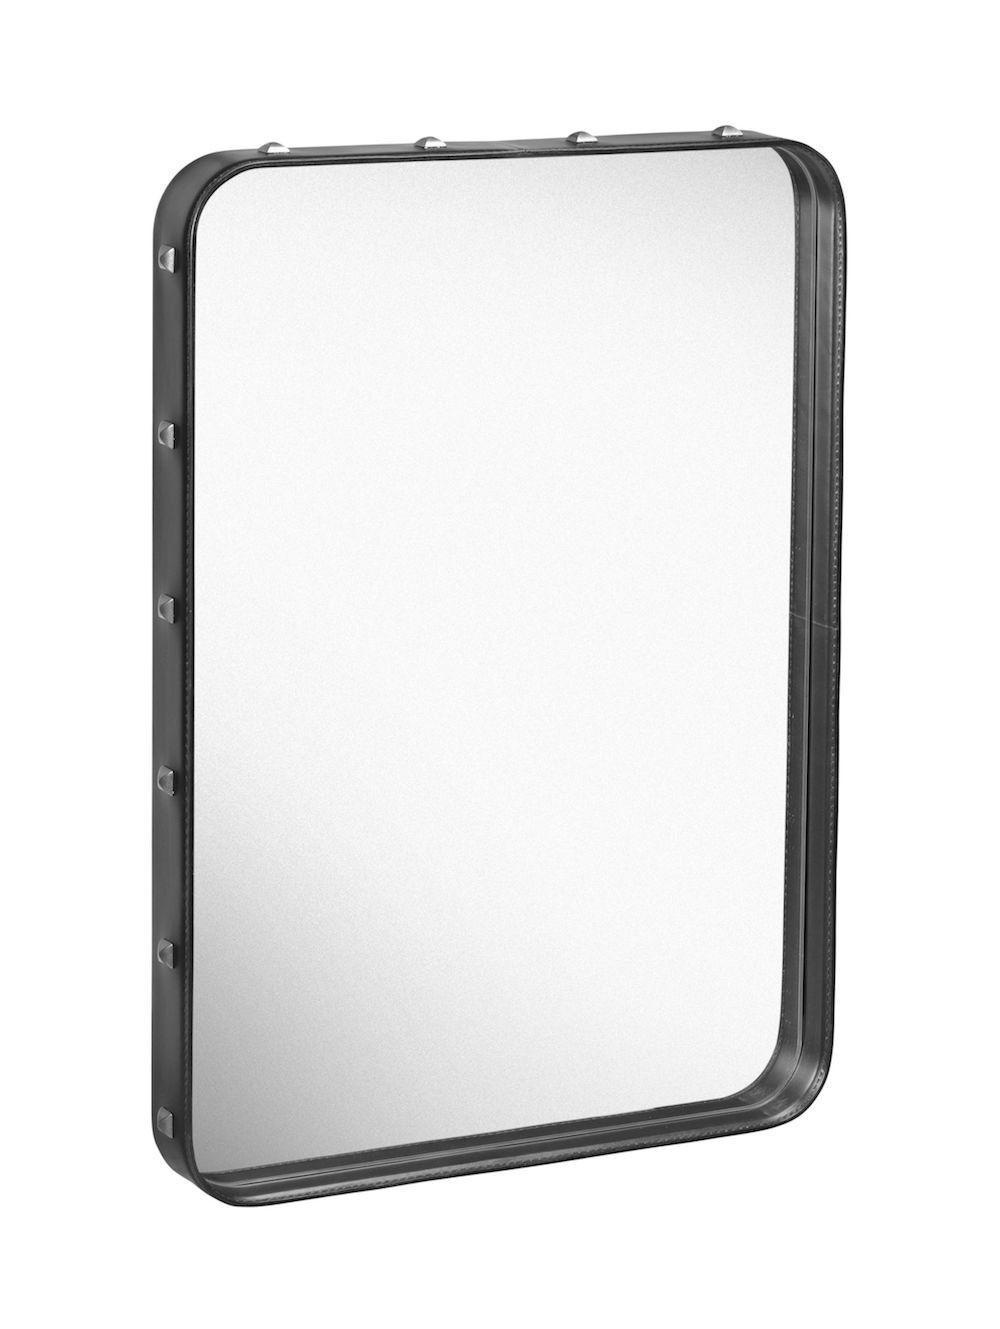 Gubi – Gubi - adnet spejl - sort - s fra unoliving.com